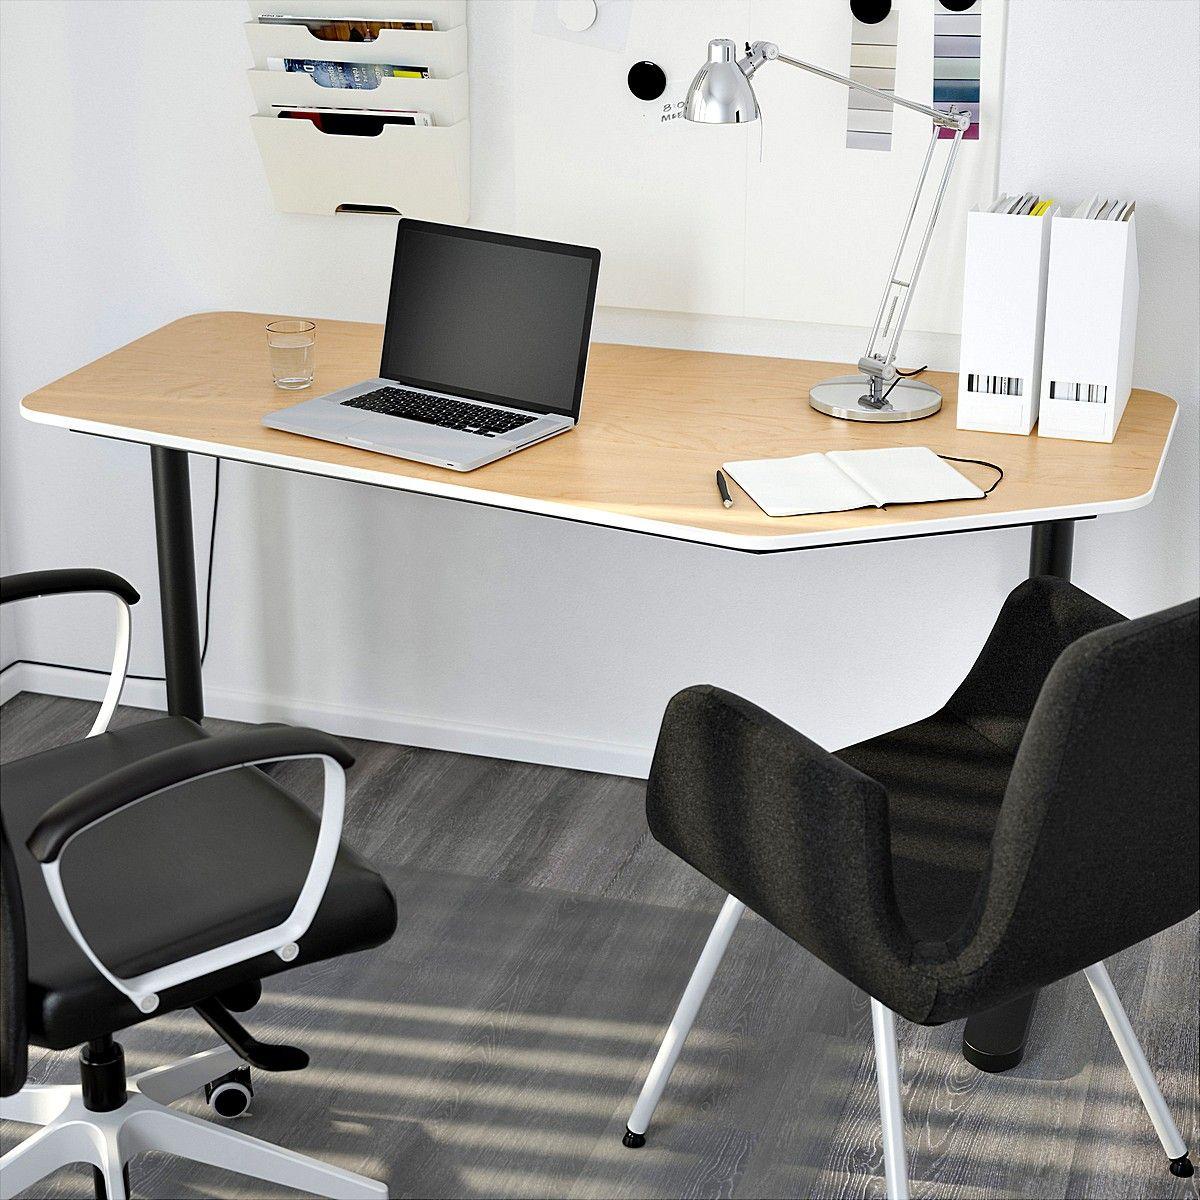 Ikea Bekant Adjustable Desk Ideas Minimalist Desk Design Ideas Minimalist Desk Design Furniture Ikea Bekant